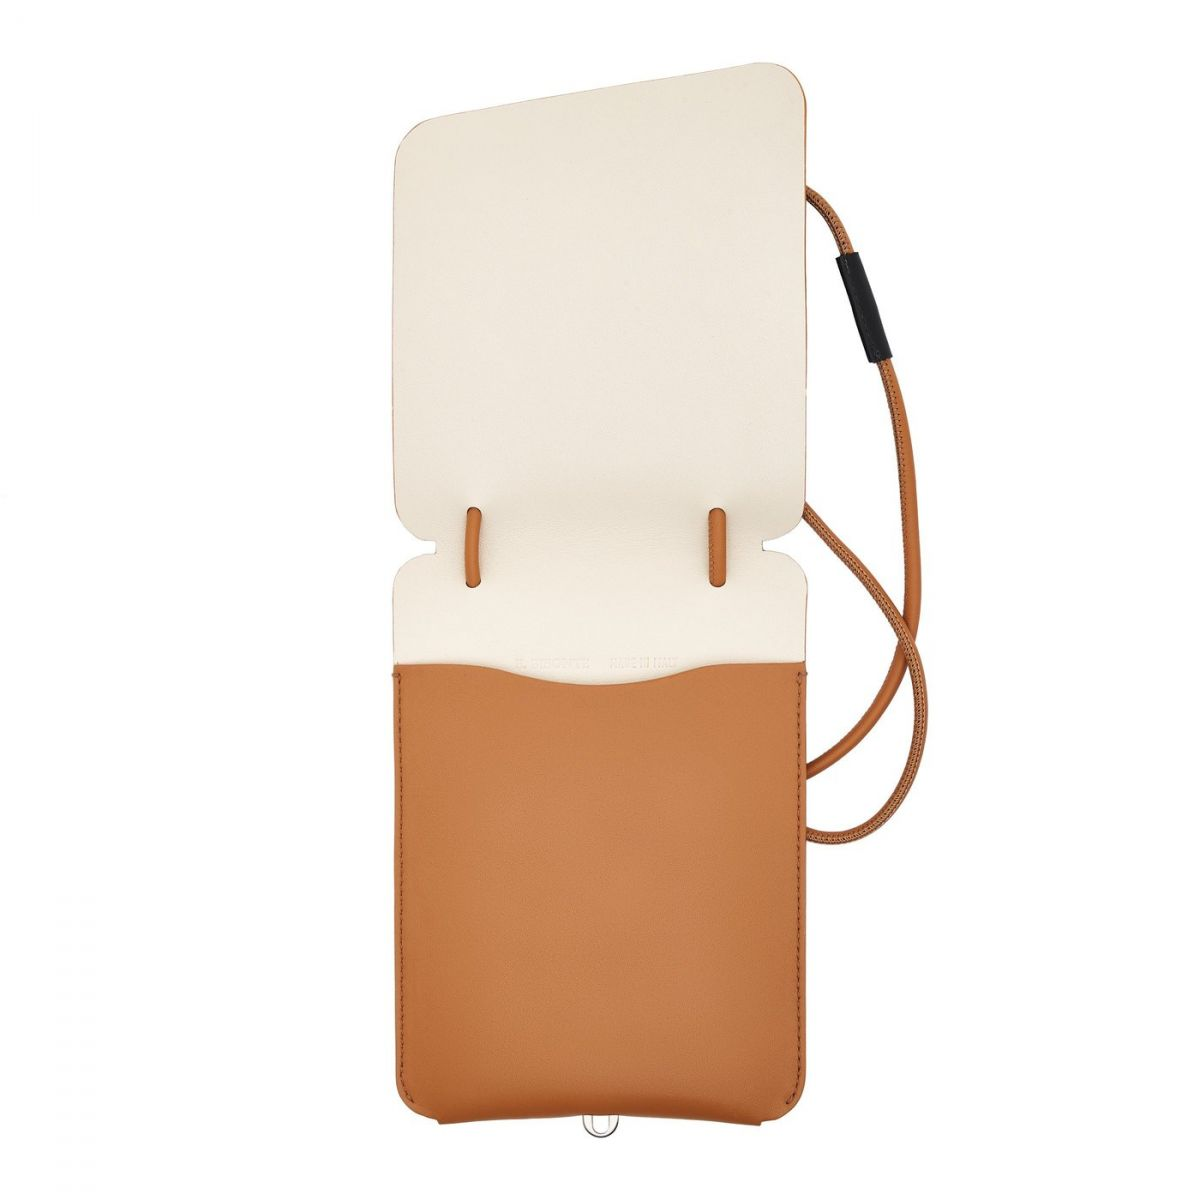 Petite Pochette - Women's Shoulder Bag New Nomad in Calf Leather BSH135 color Natural | Details